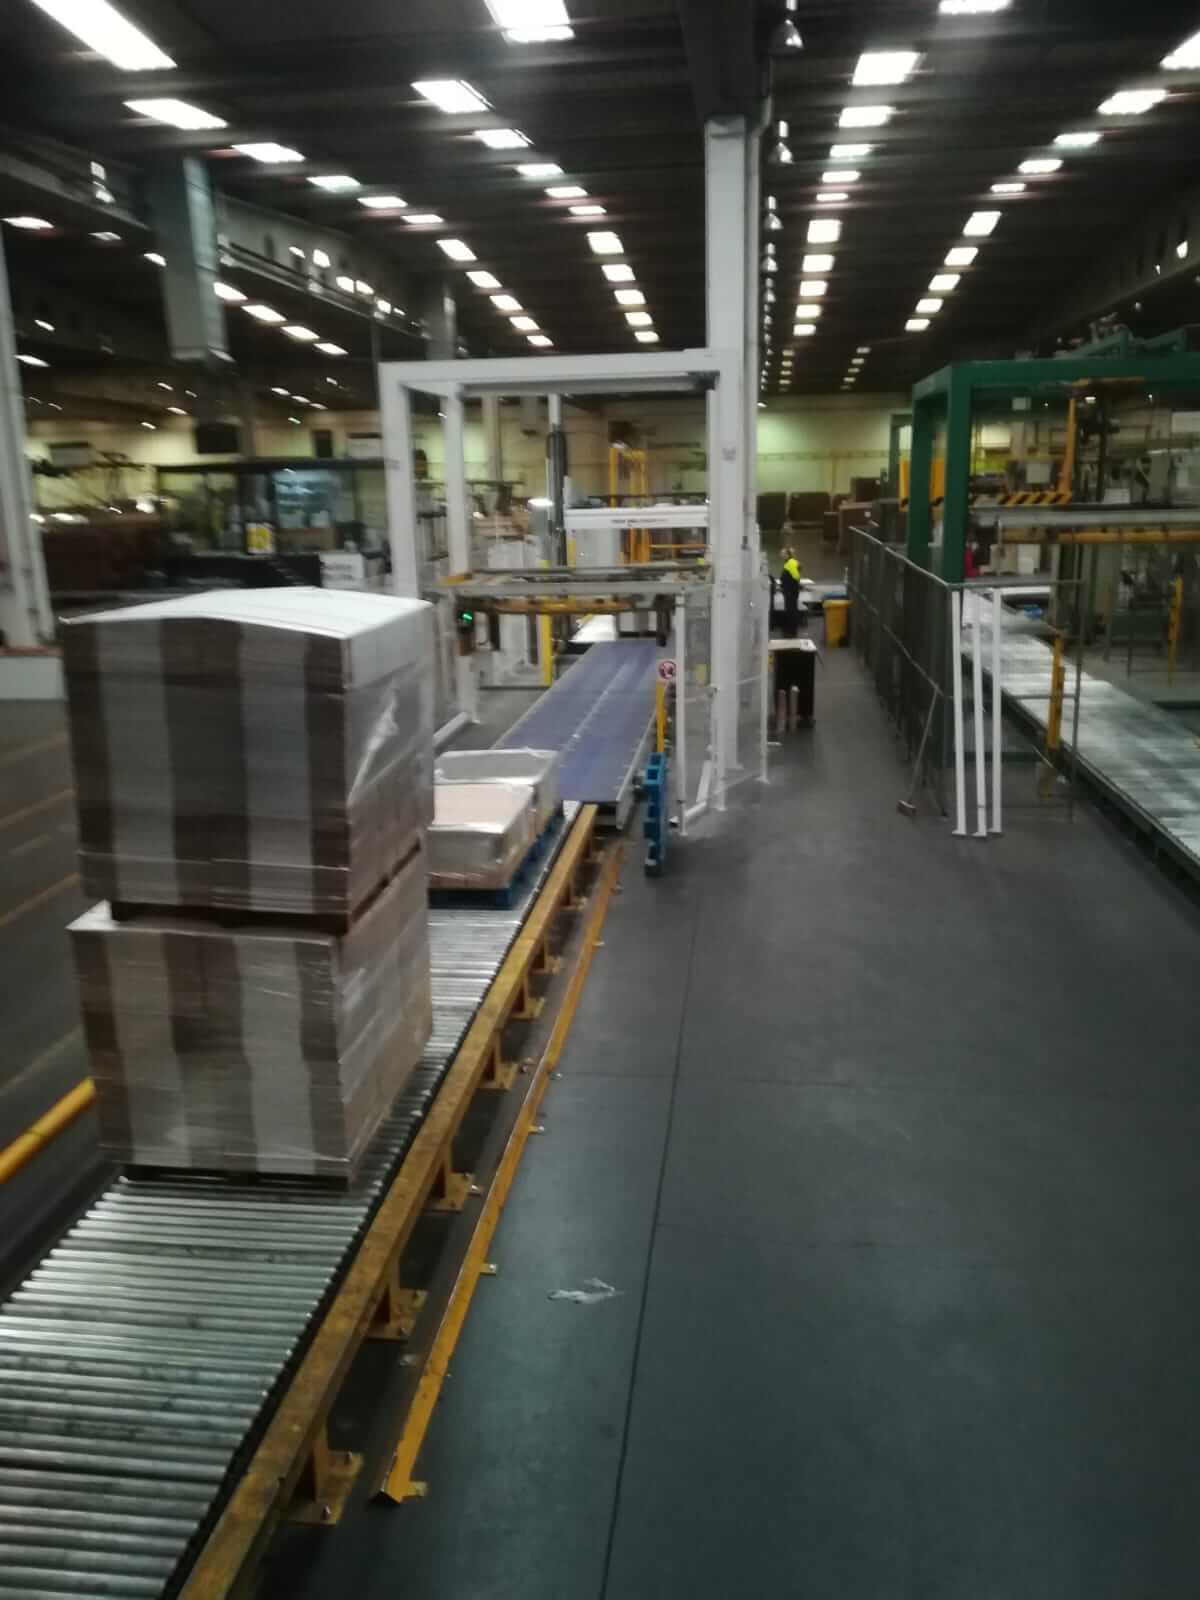 Puesta en marcha Lineas transporte carton - Inel